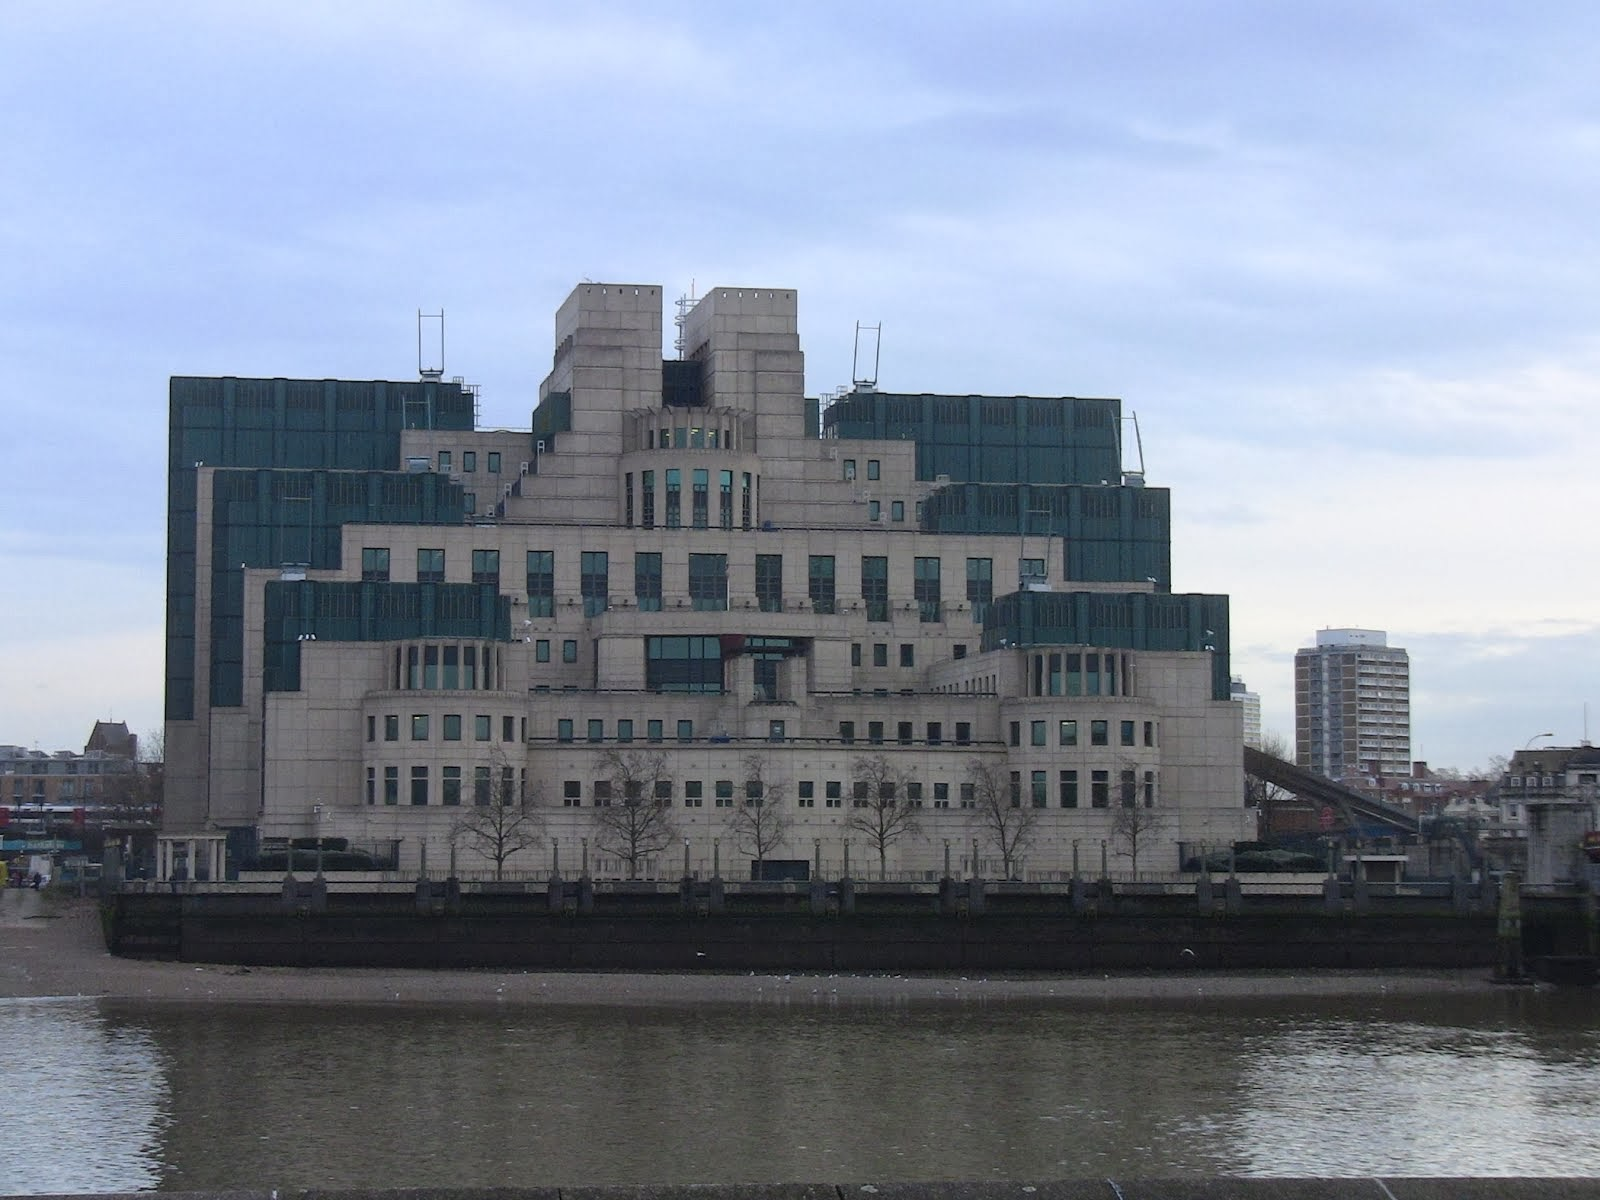 le bâtiment des services secrets britanniques